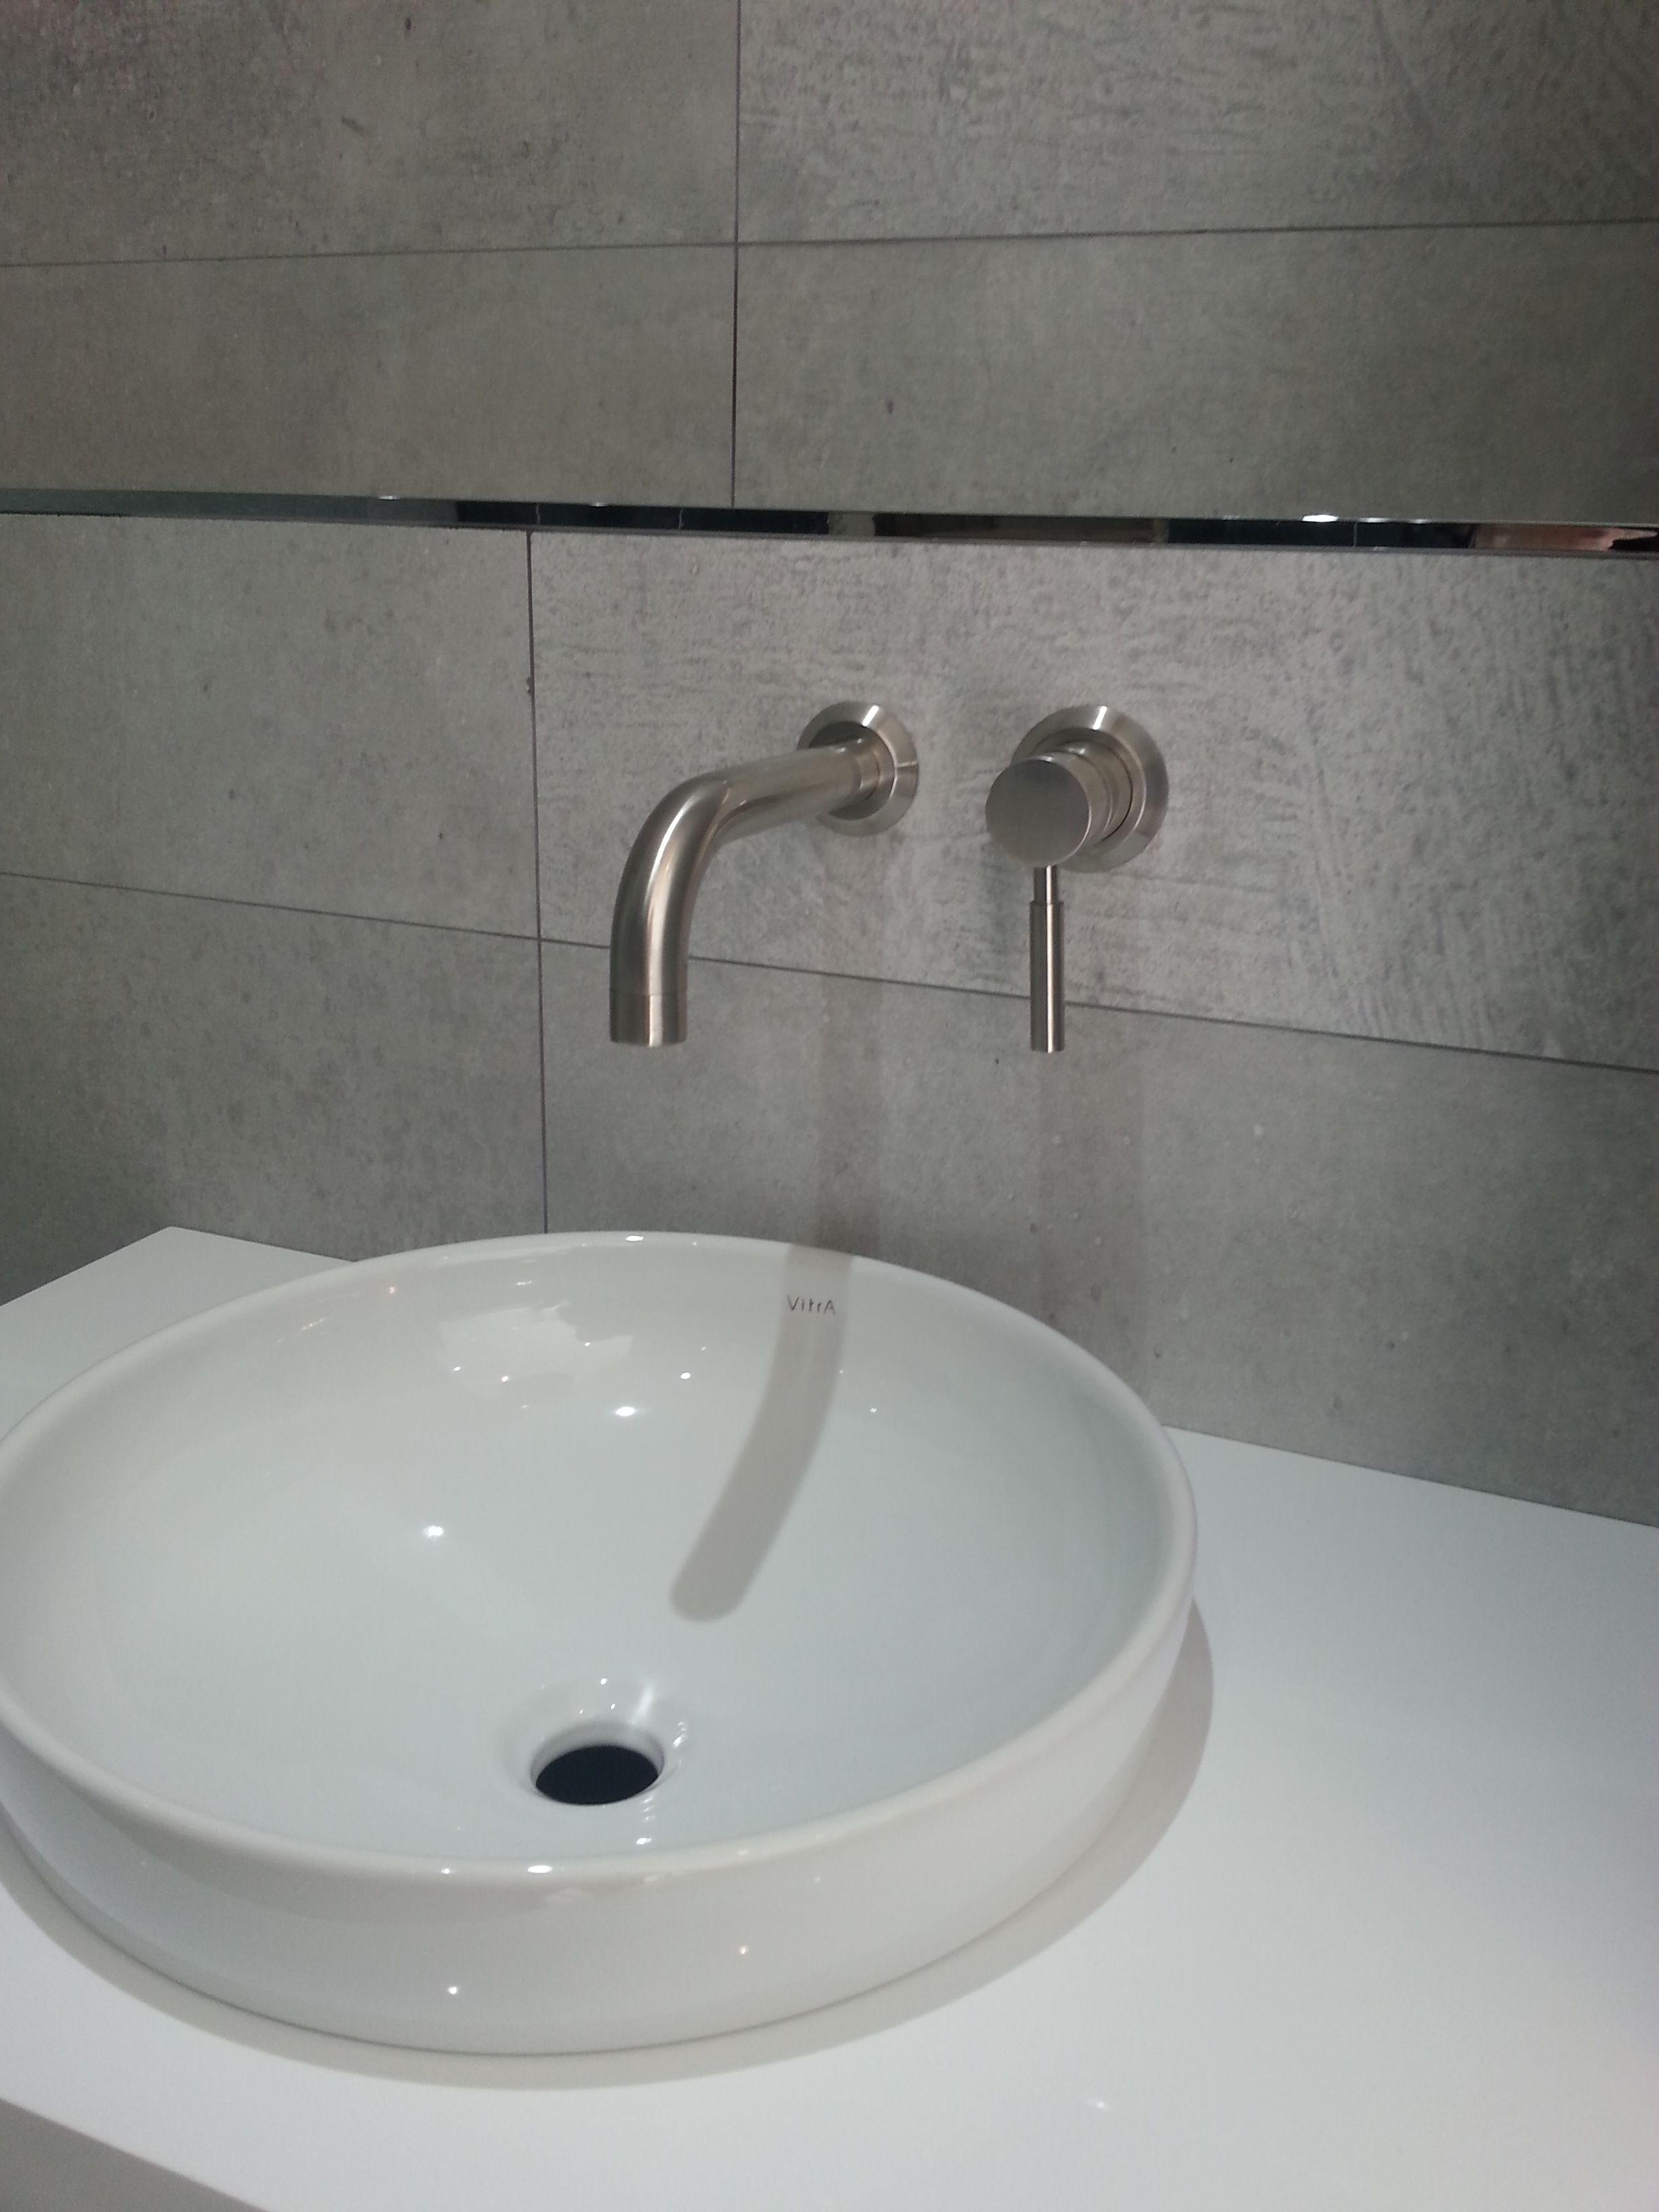 franklin s z hansa m faucets